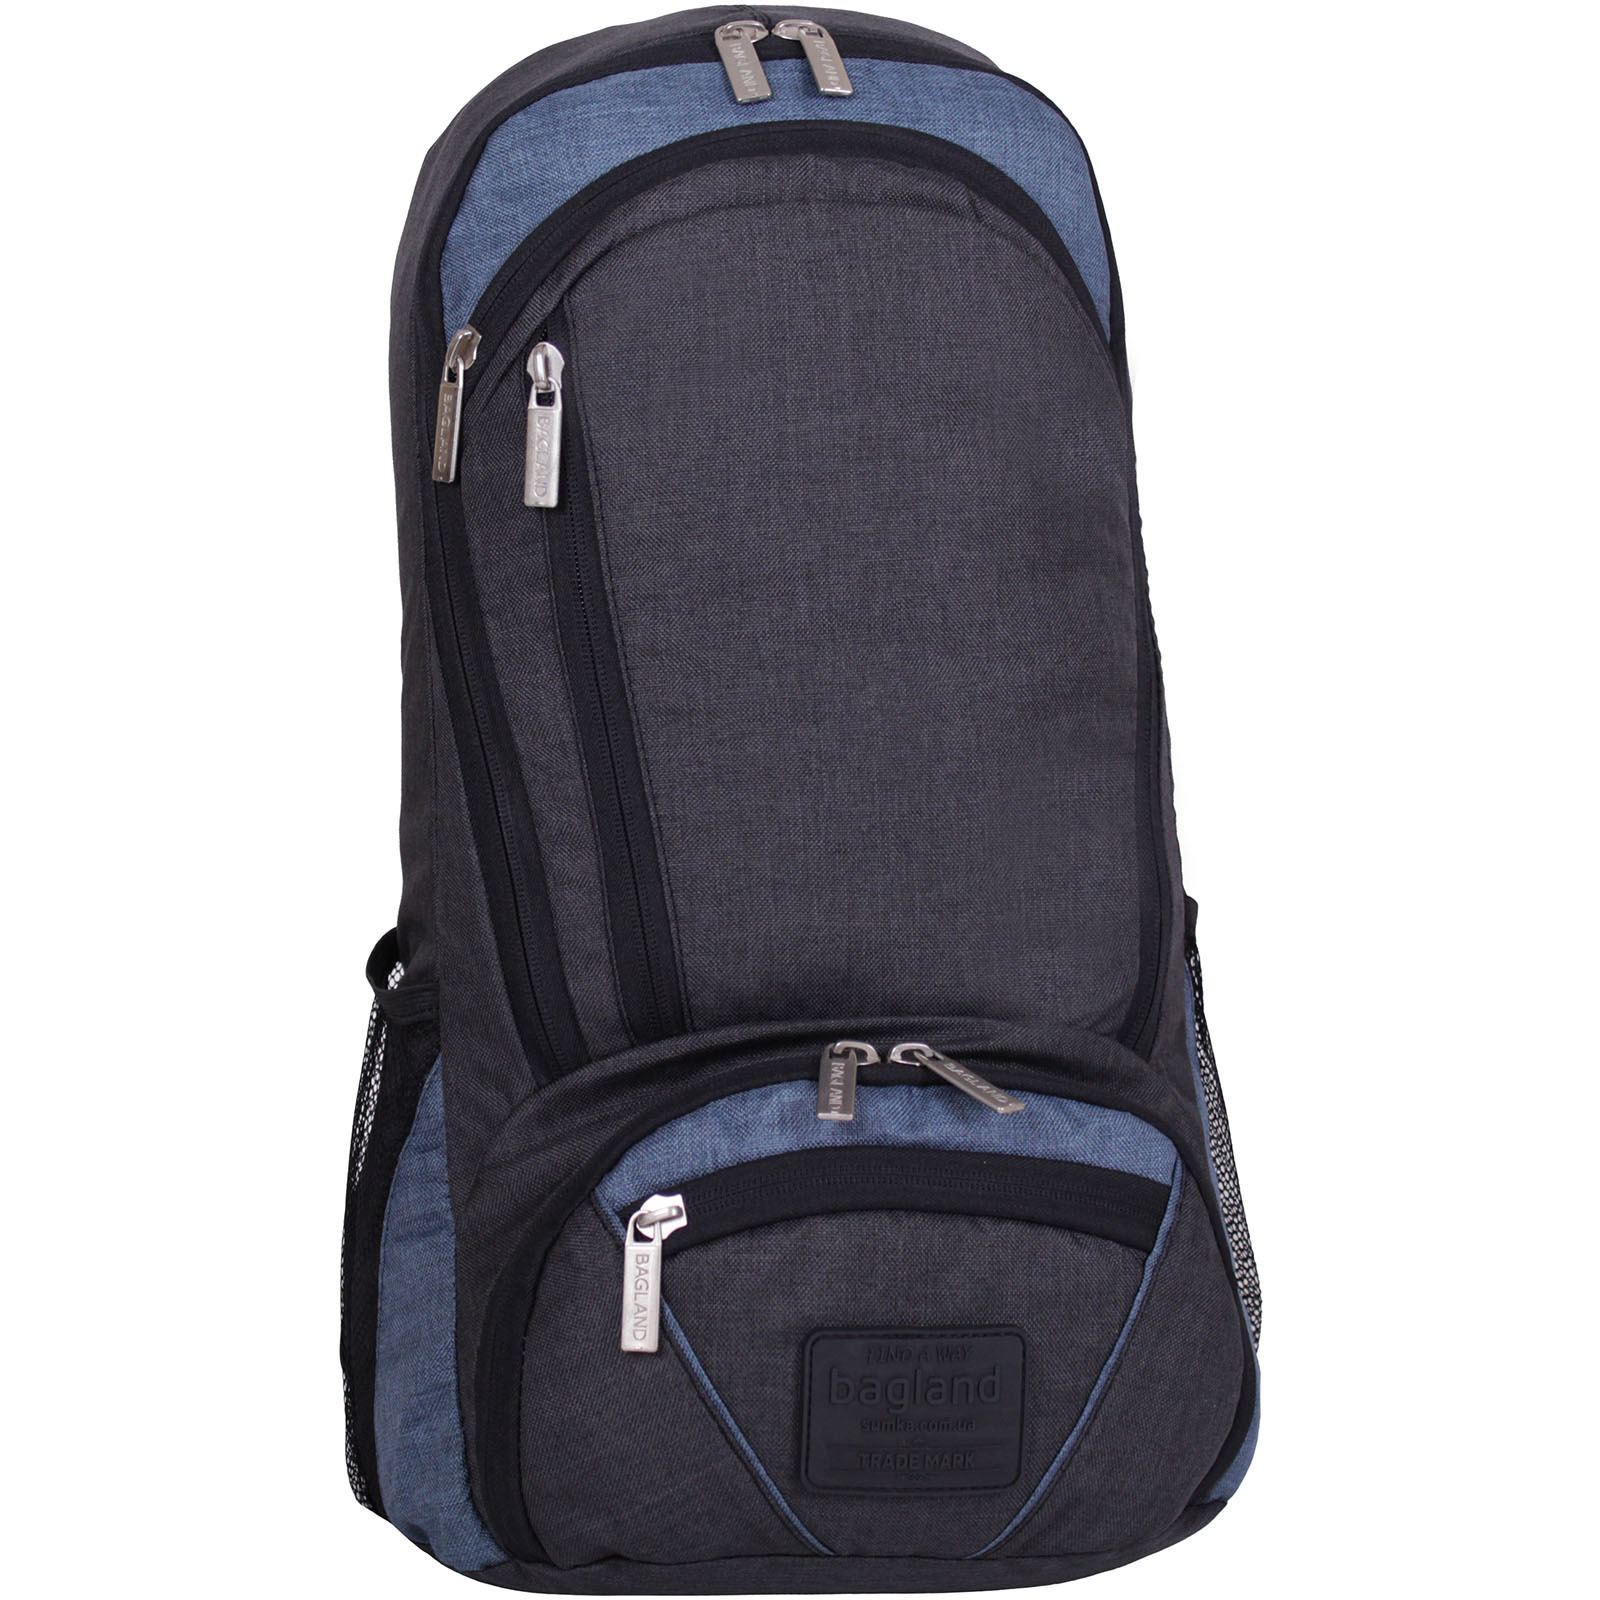 Городские рюкзаки Рюкзак для ноутбука Bagland Granite 23 л. чорн./серый (0012069) IMG_2499.JPG